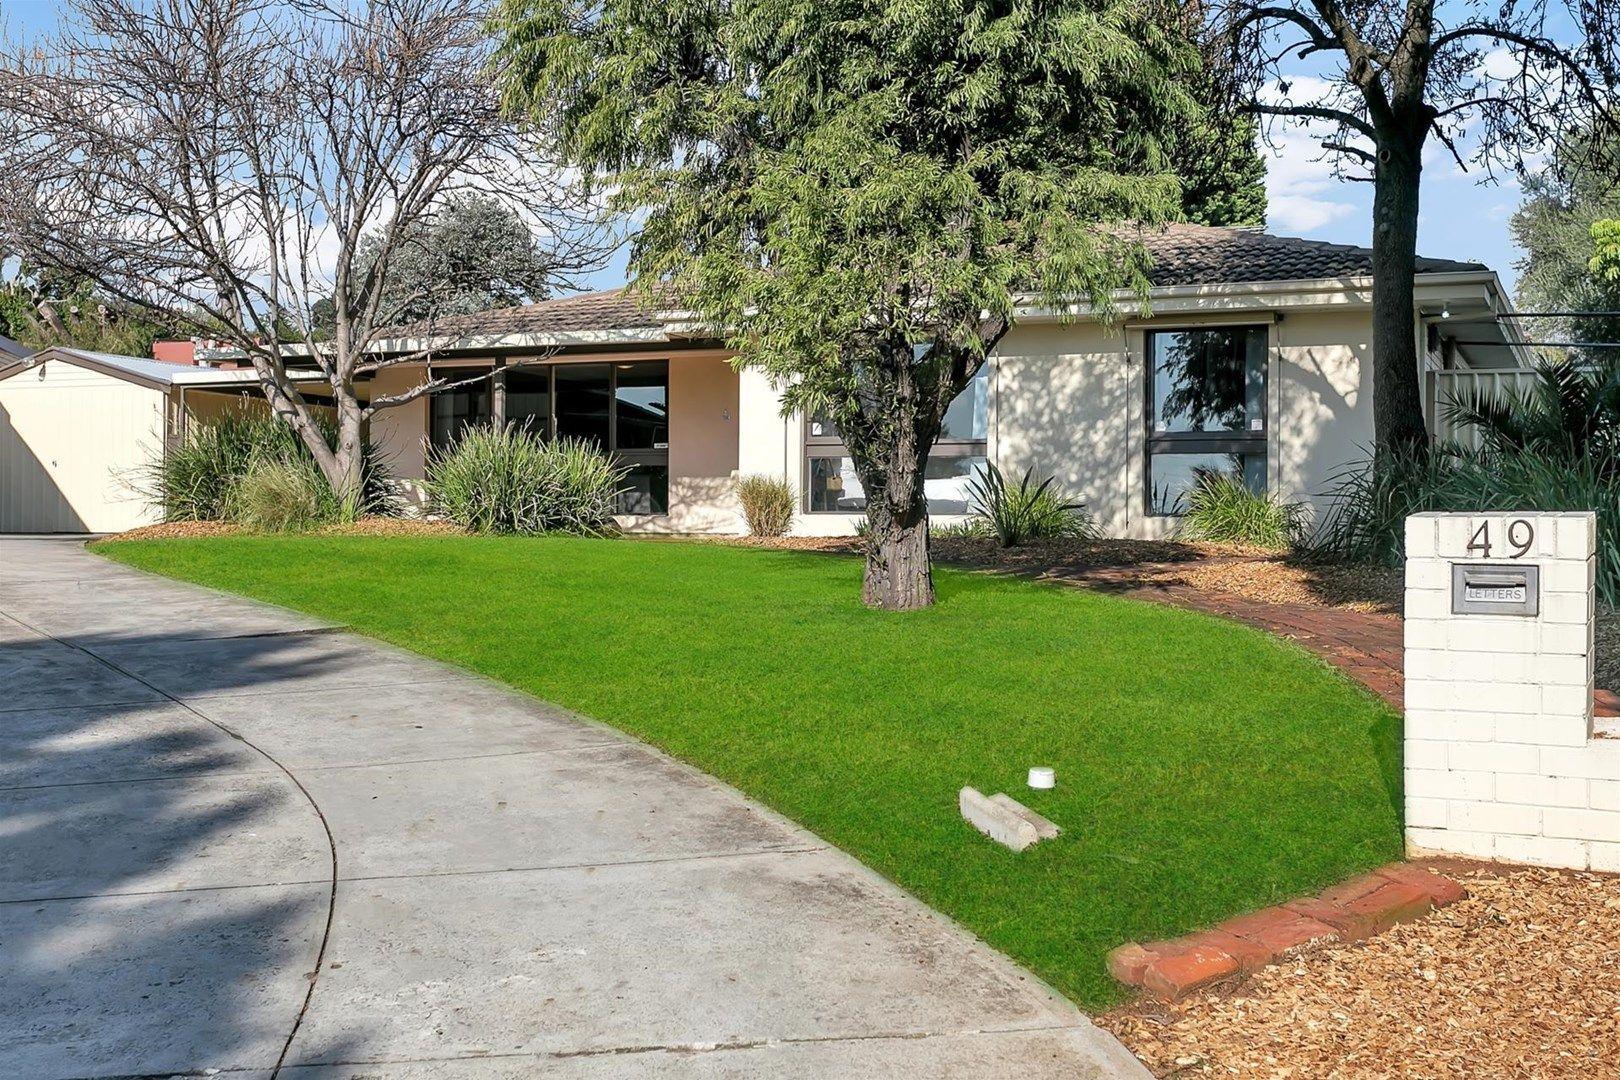 49 Casuarina Avenue, Surrey Downs SA 5126, Image 0